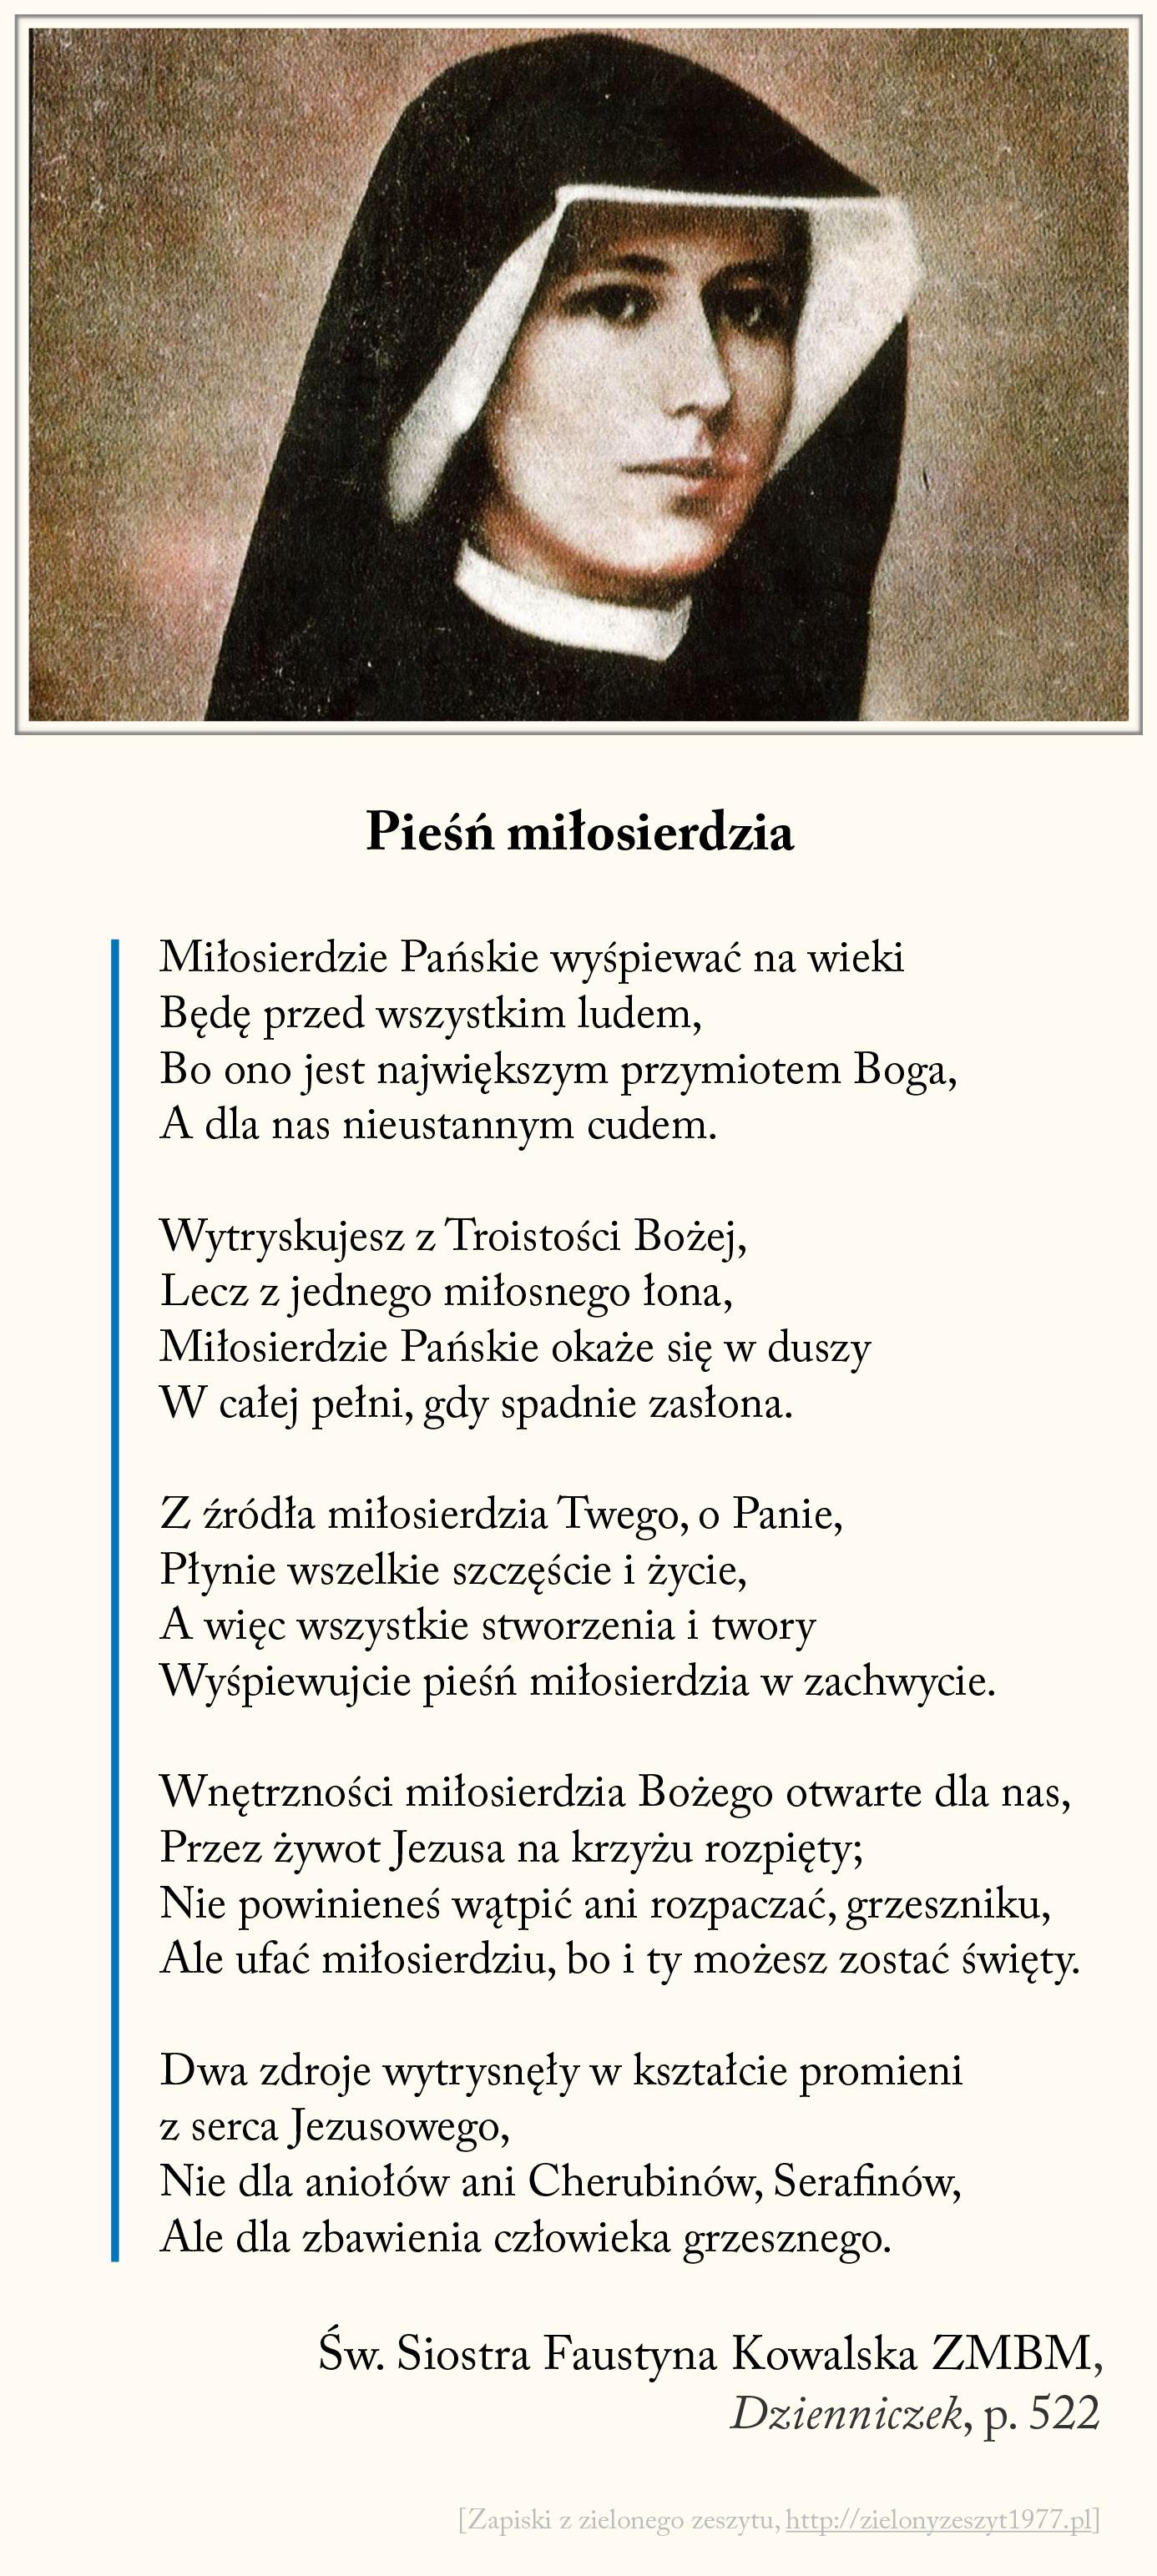 Pieśń miłosierdzia, św. Faustyna Kowalska